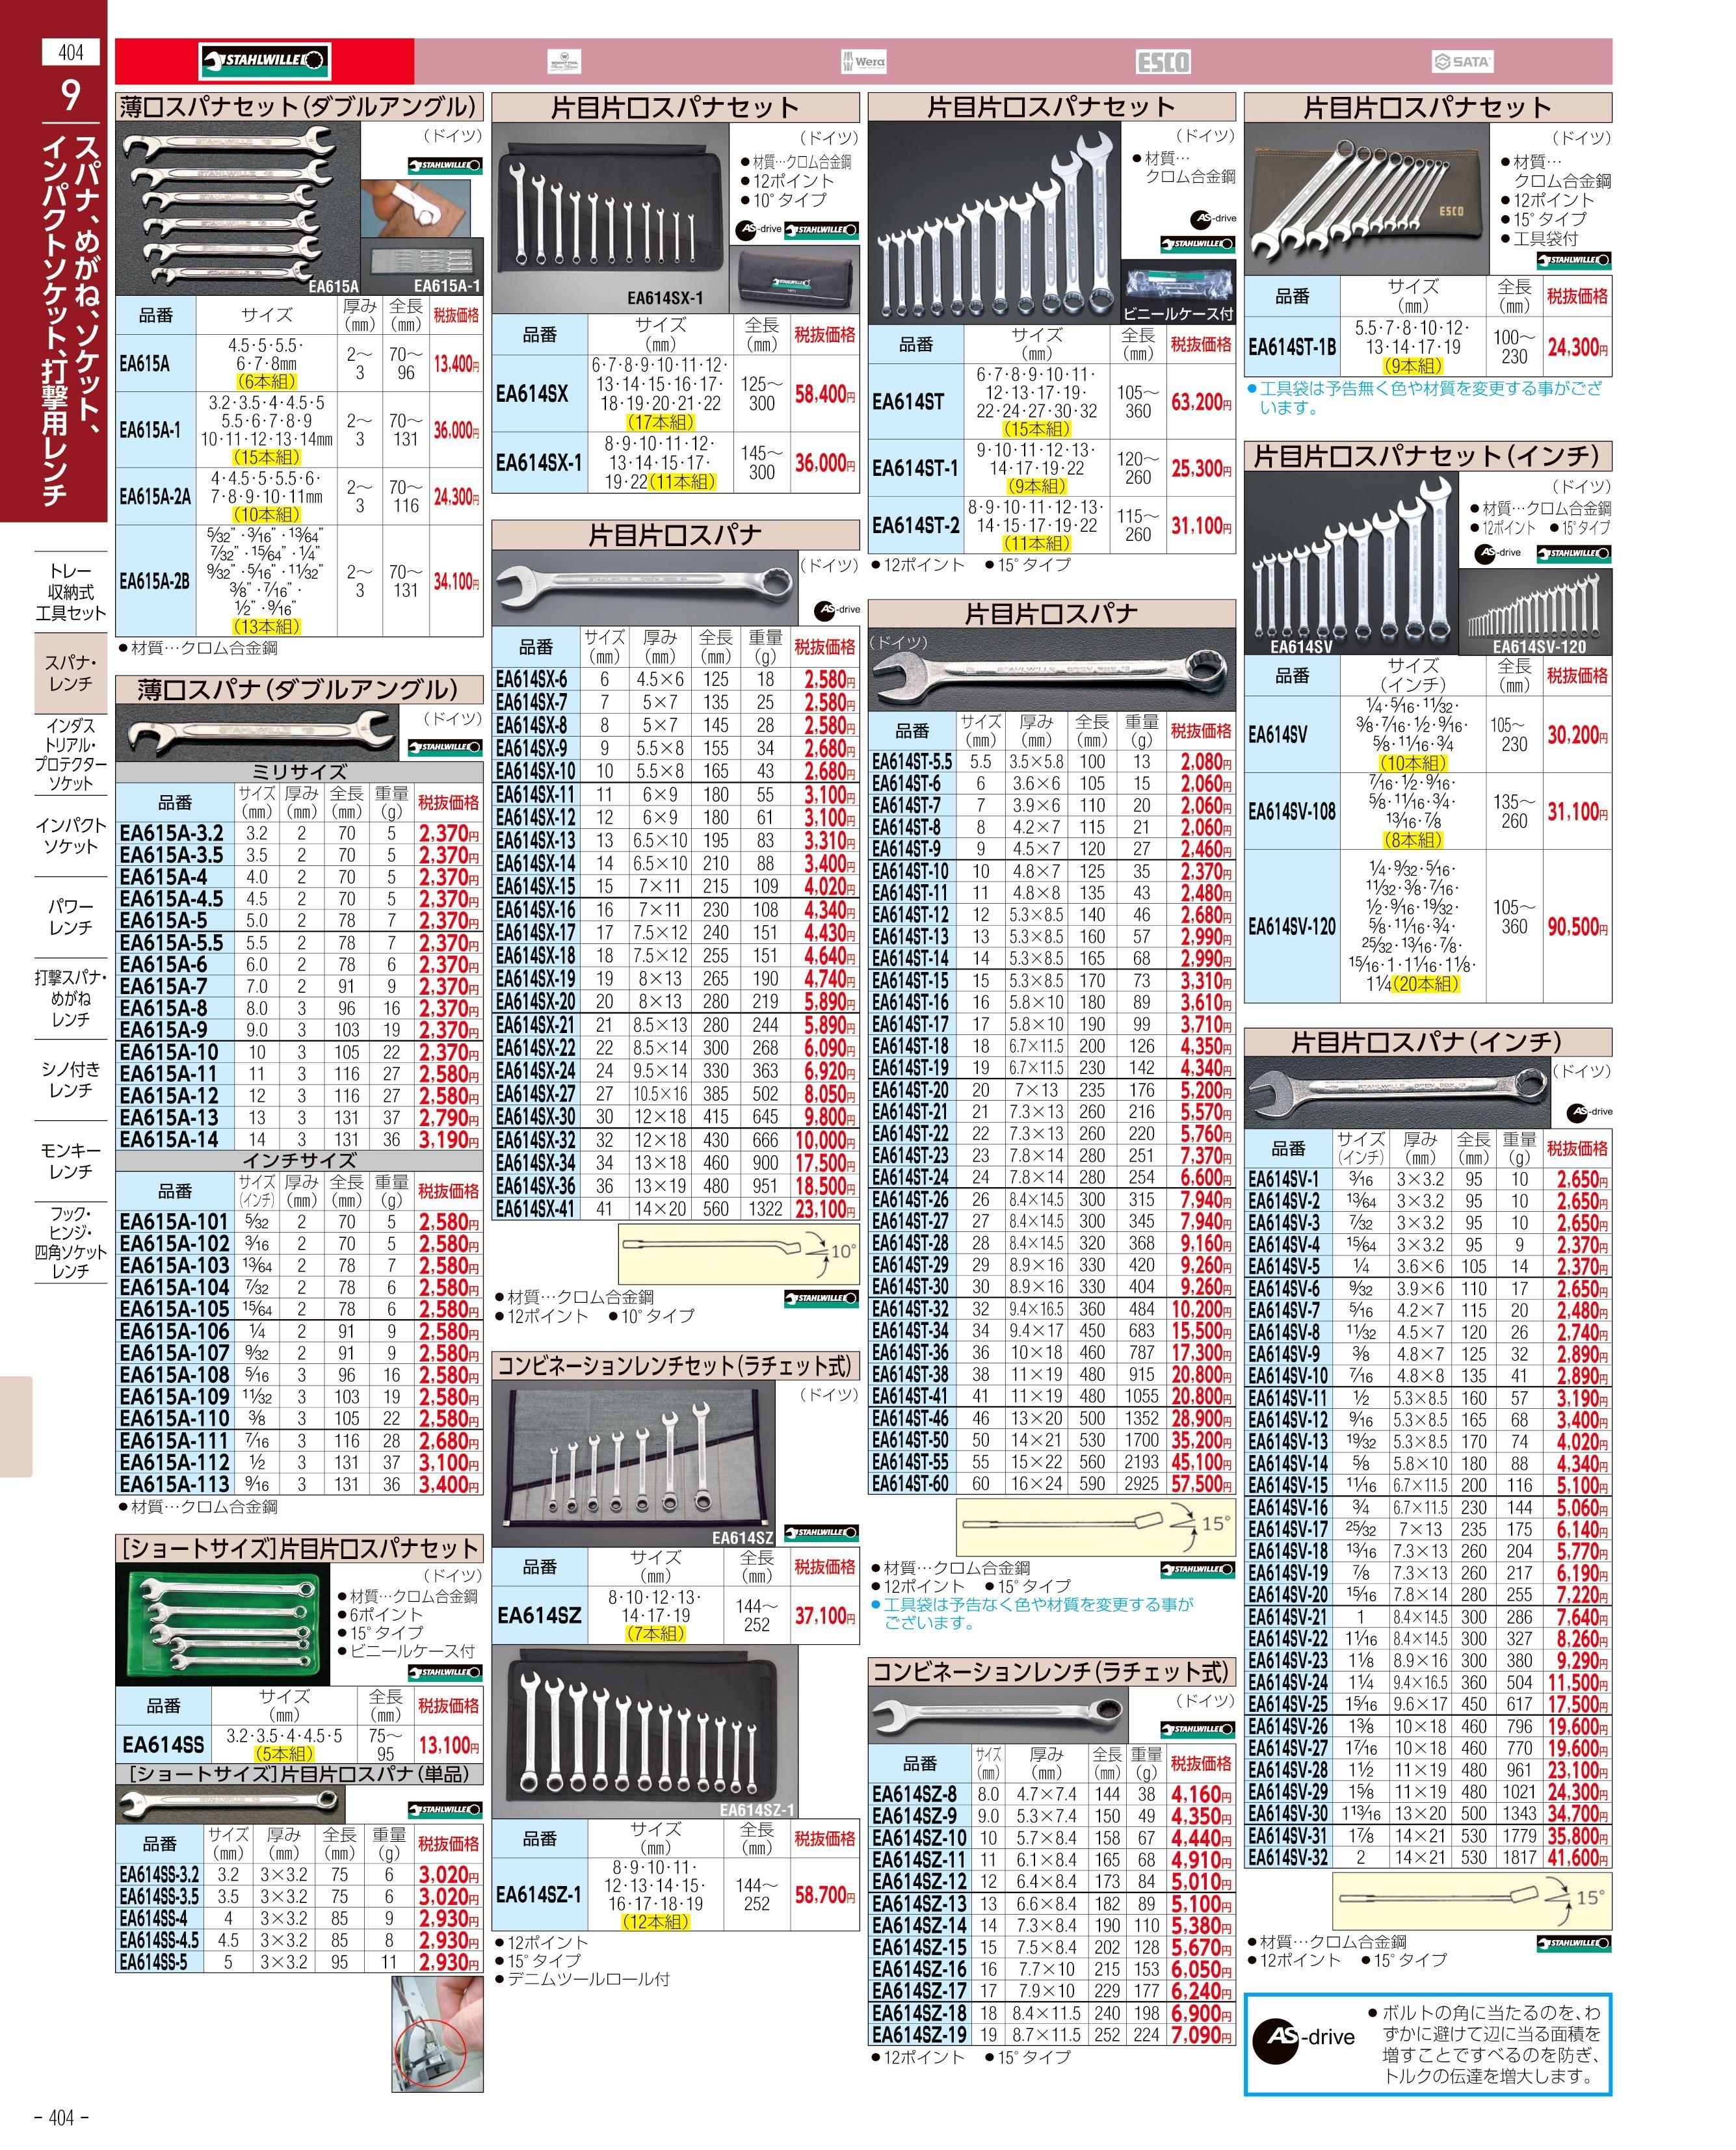 エスコ便利カタログ404ページ